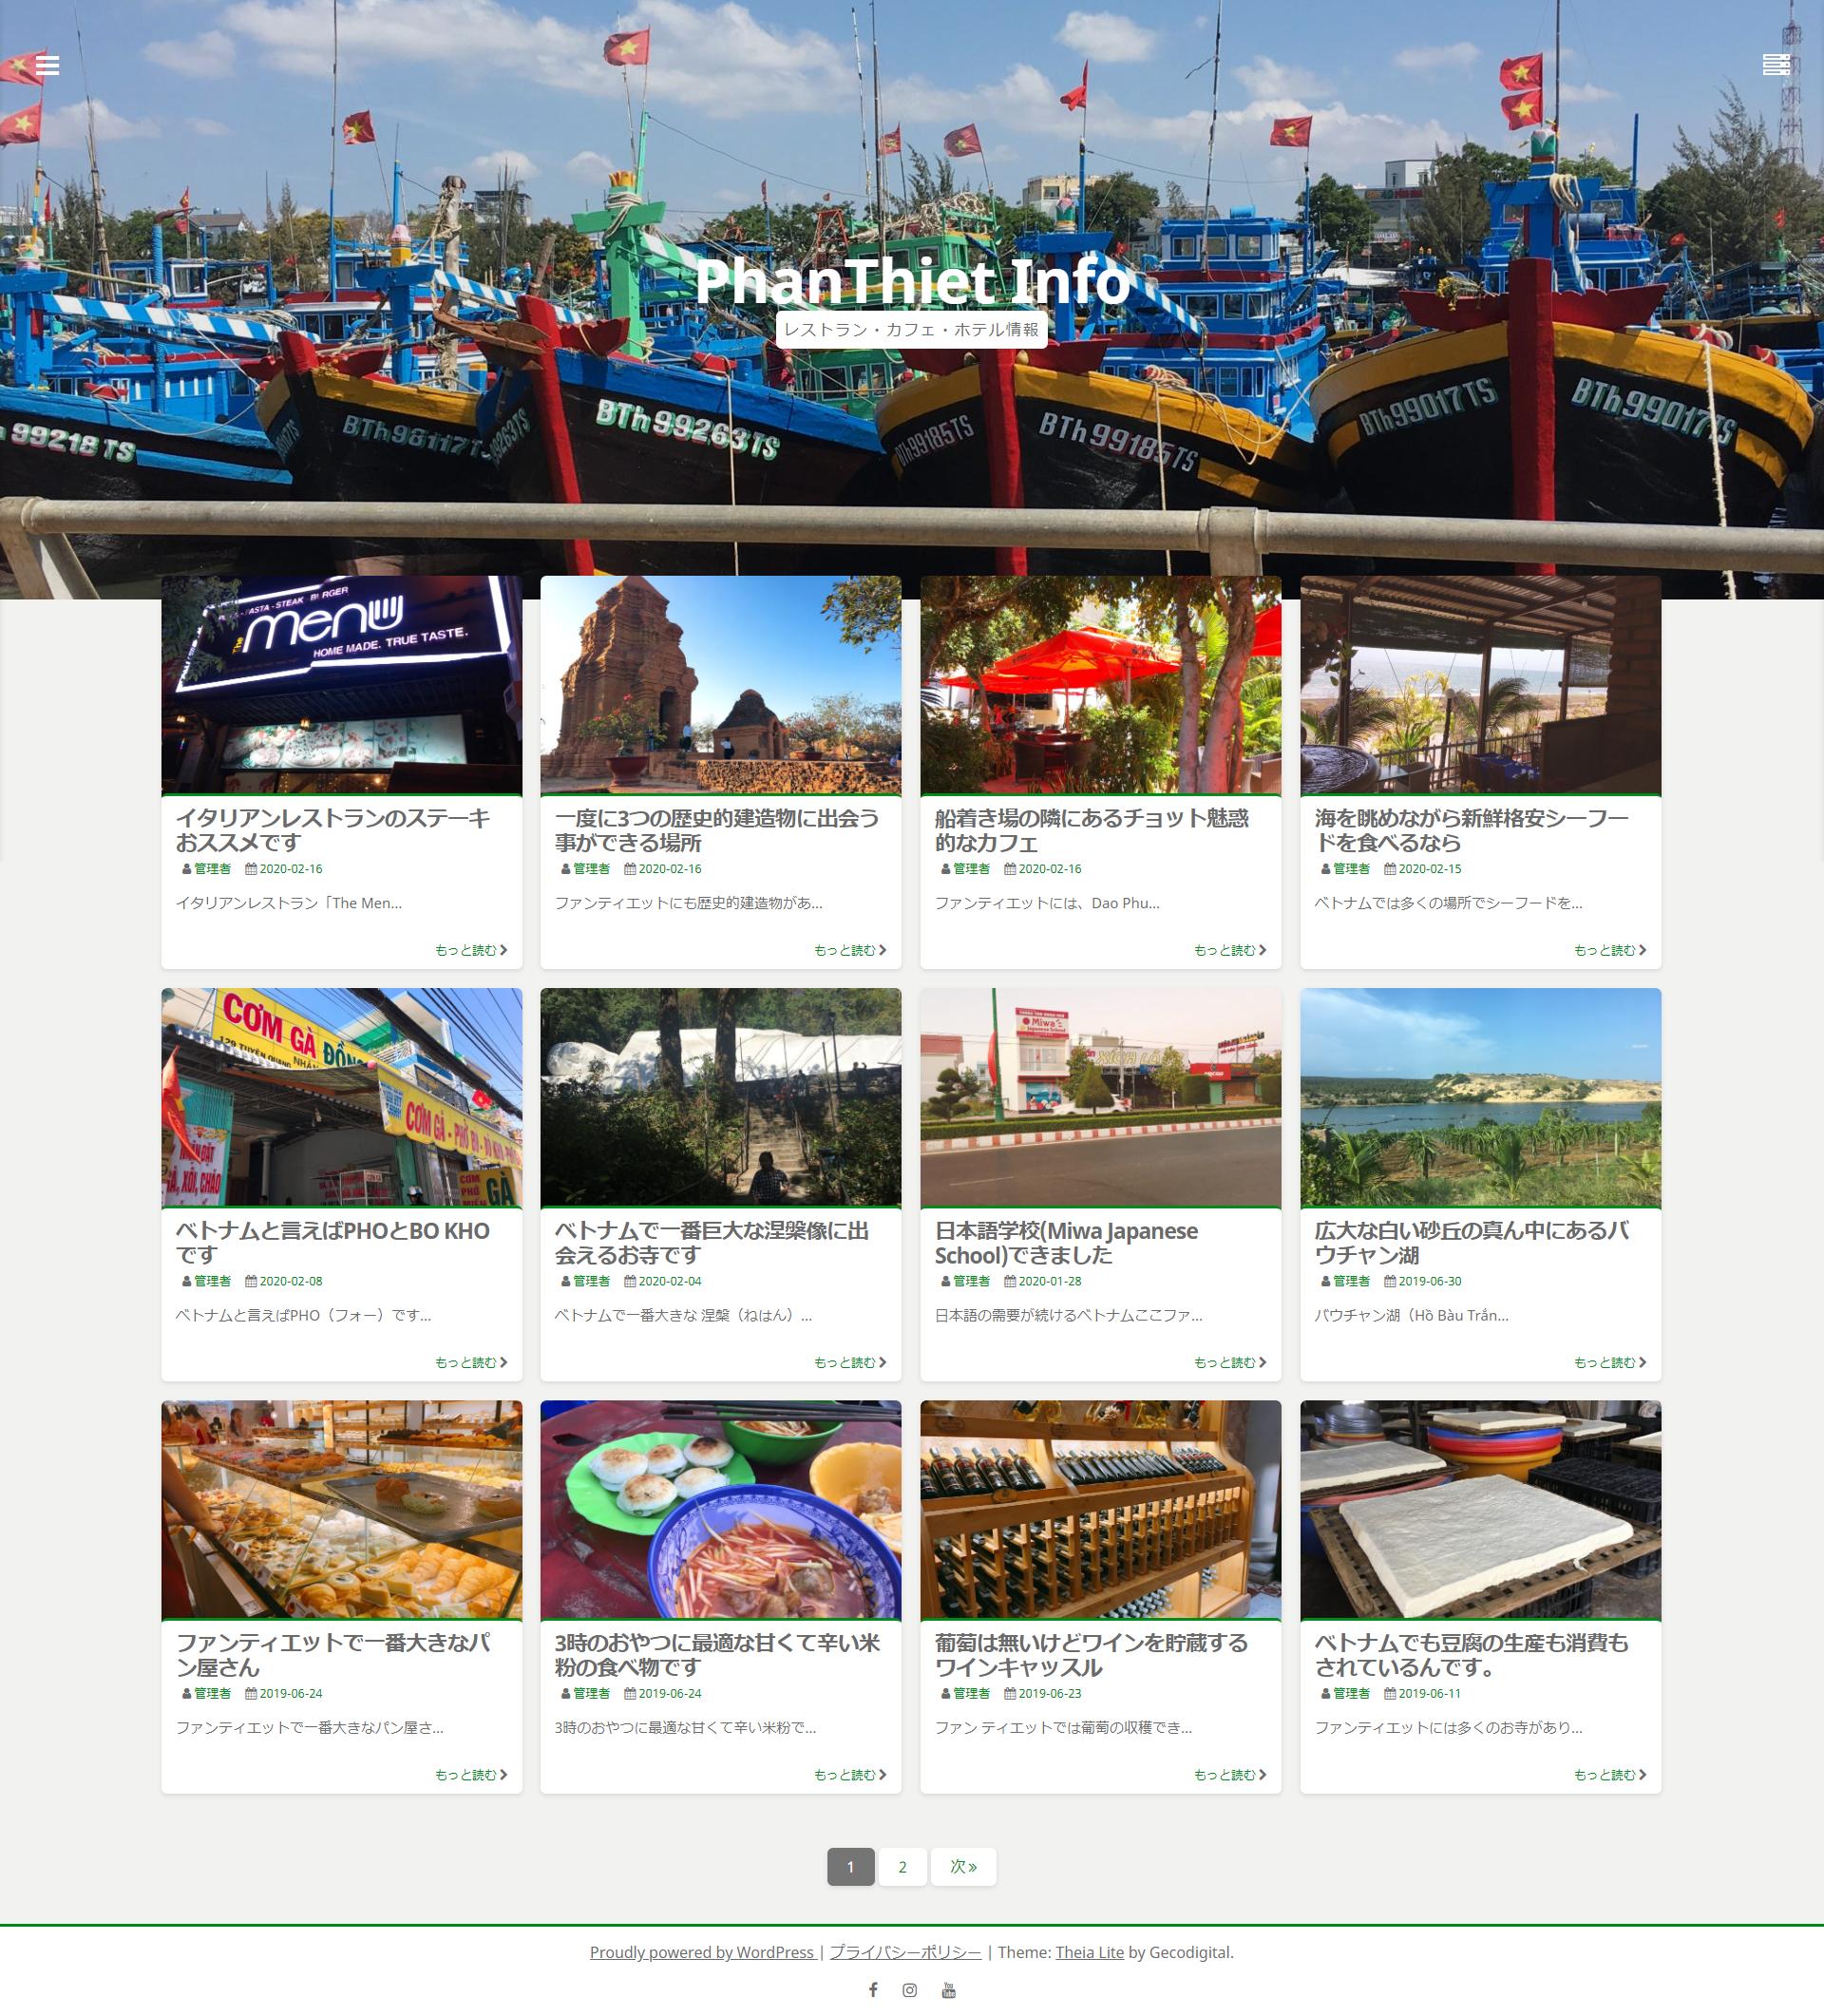 ホームページ制作実績ベトナムのリゾート地ファンティエットの日本人向け紹介サイト